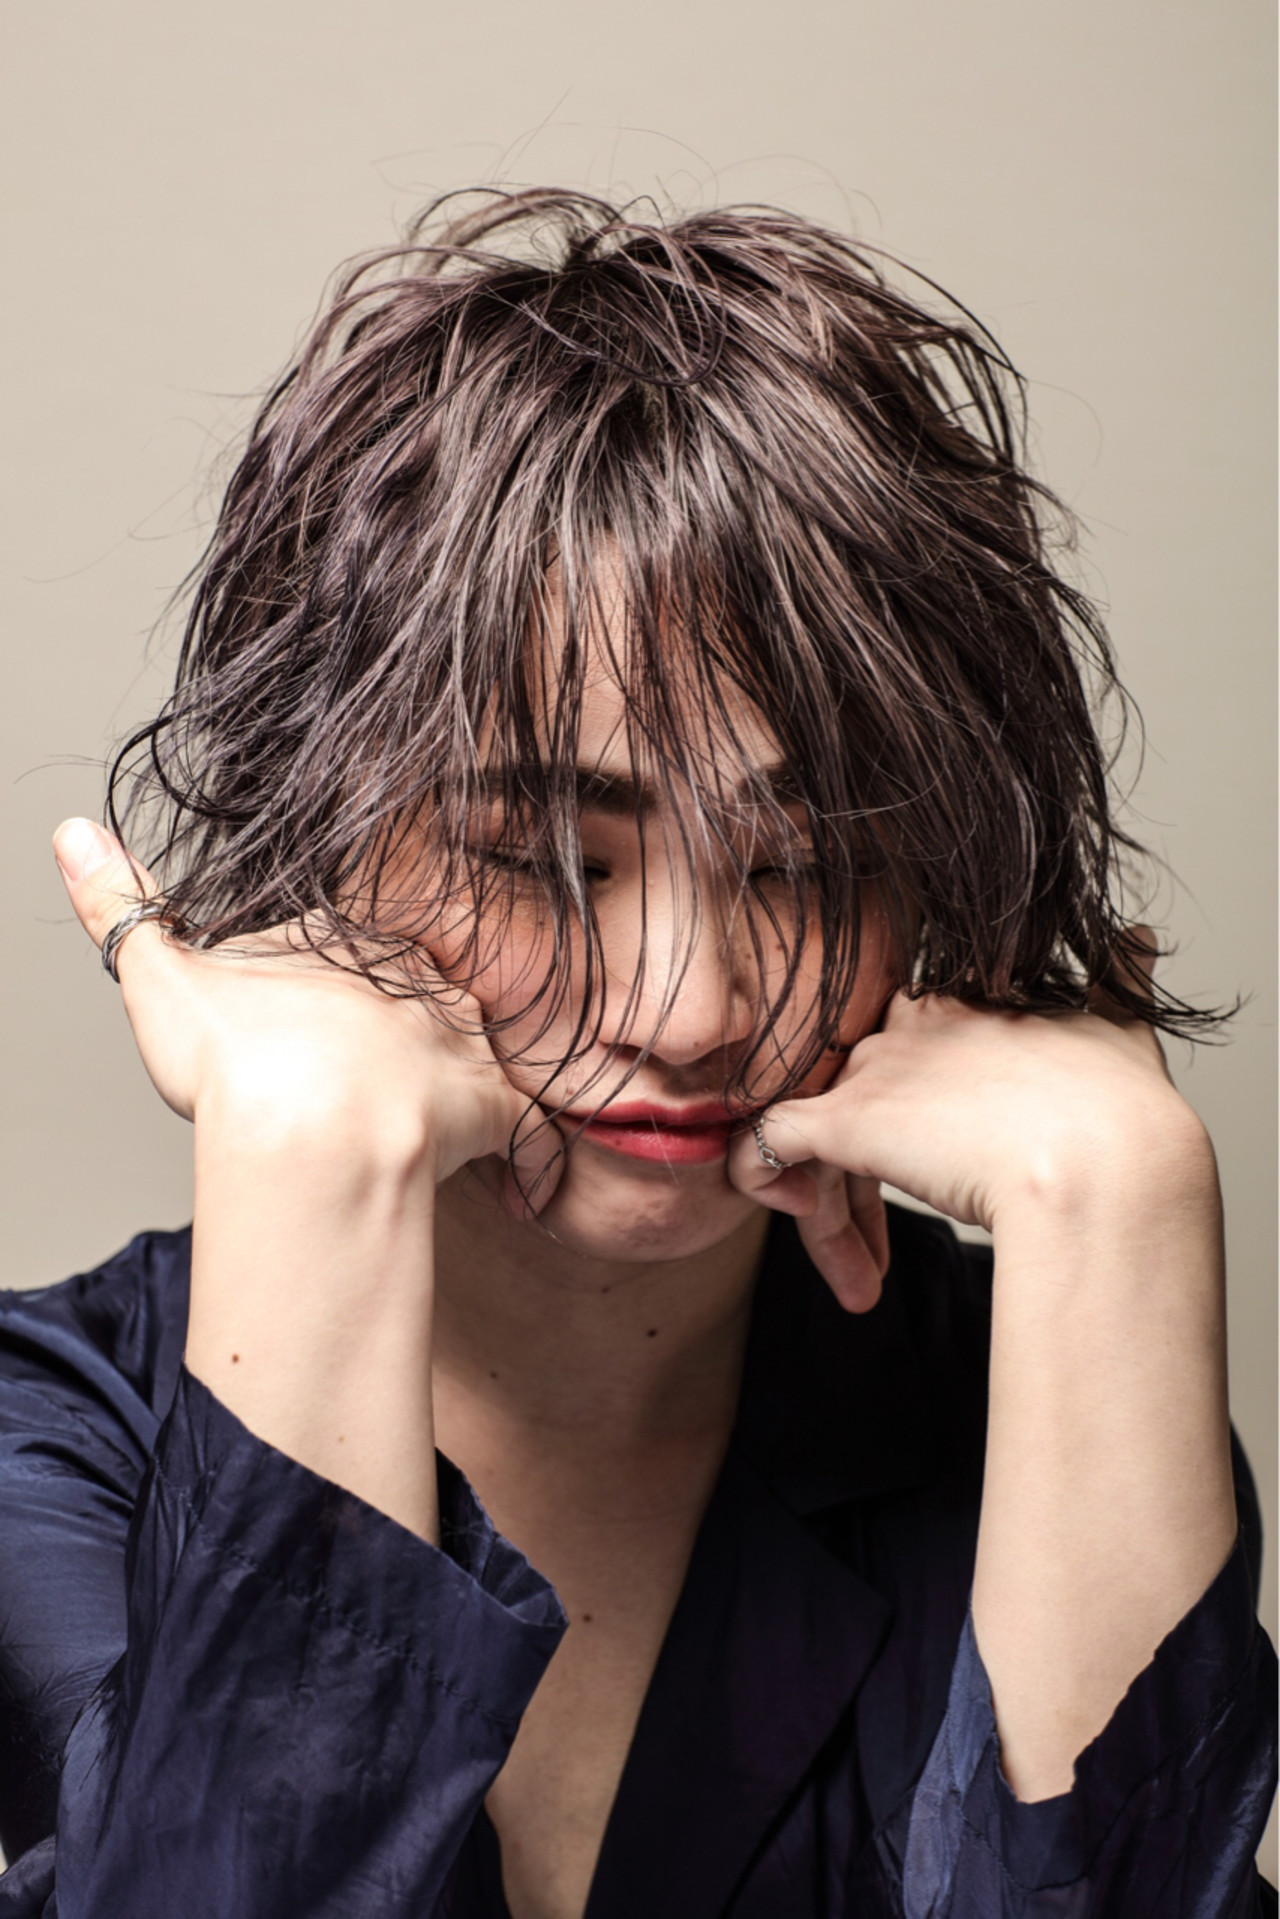 モード 艶髪 抜け感 ウェットヘア ヘアスタイルや髪型の写真・画像